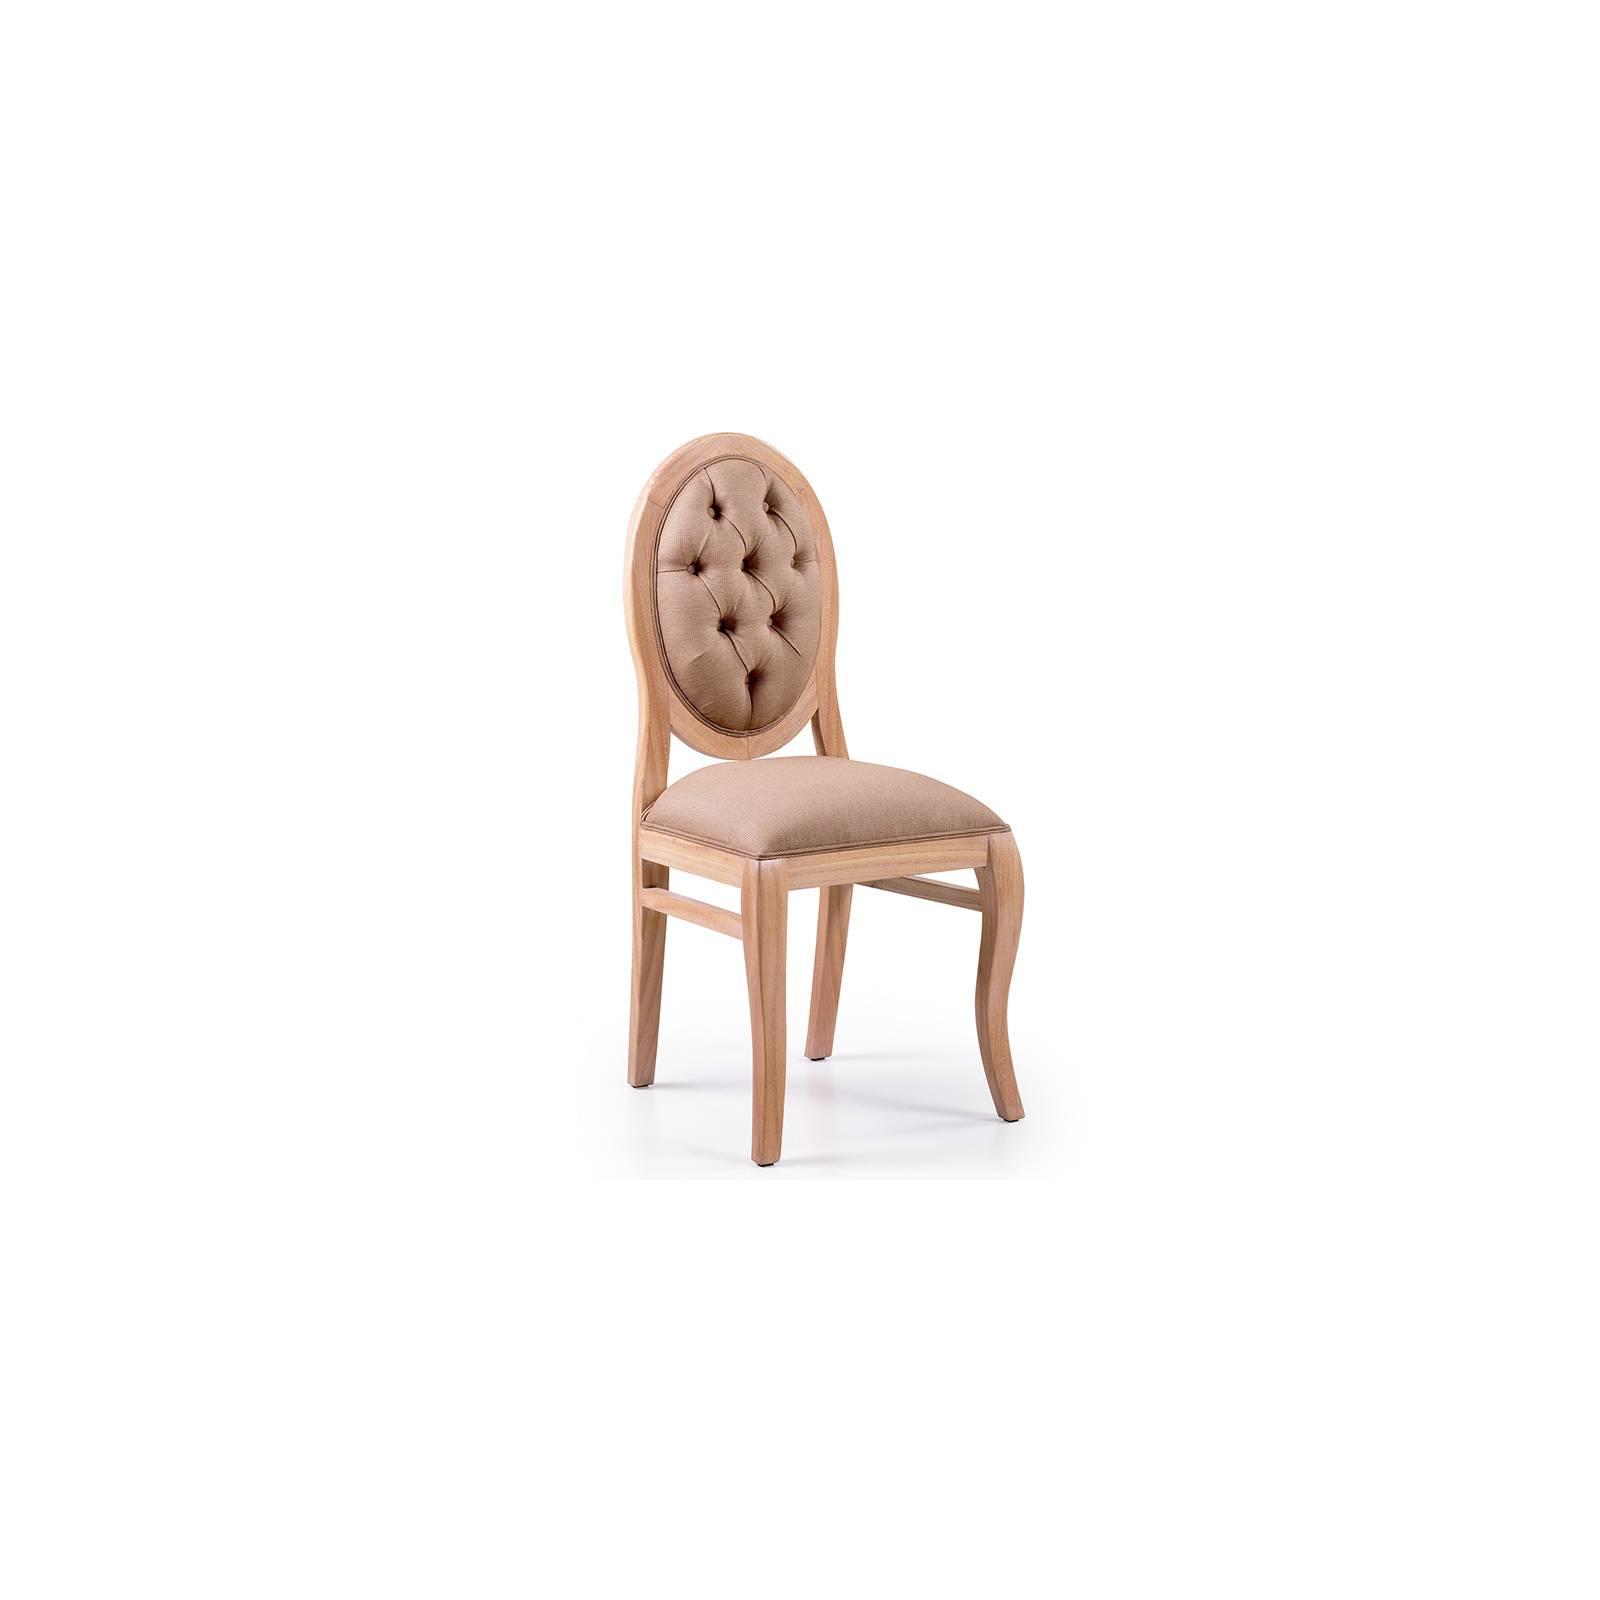 Chaise Capitonnée Oslo Mindy en bois massif - meubles scandinaves